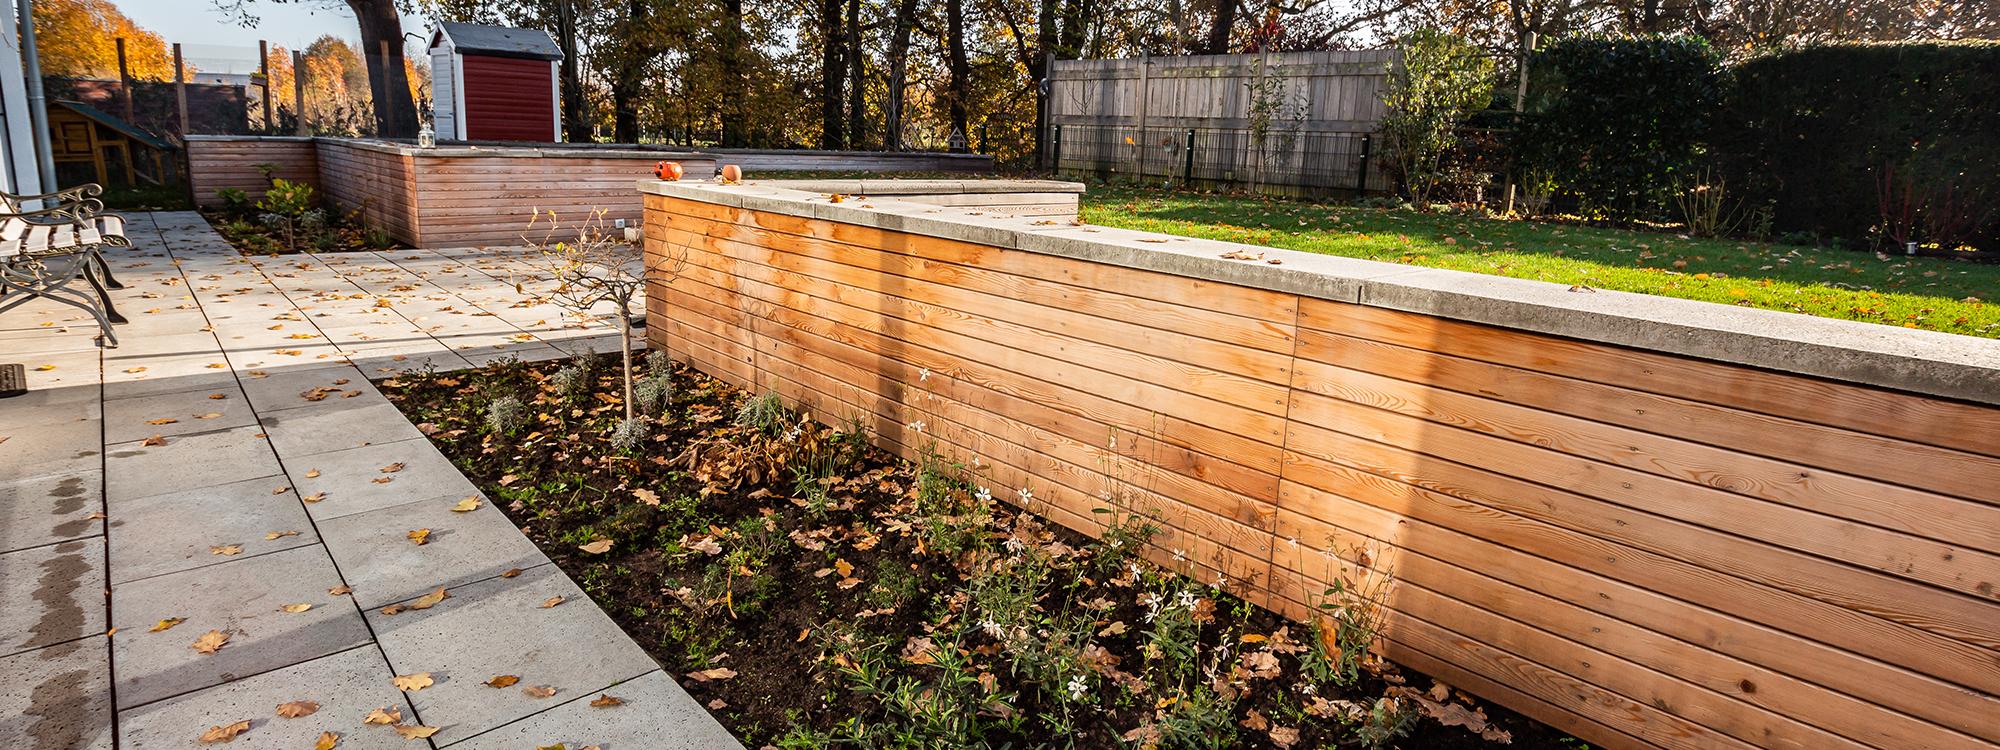 Garten und Landschaftsbau Bocholt Innovatio Mauer aus Holz Ebenen Garten